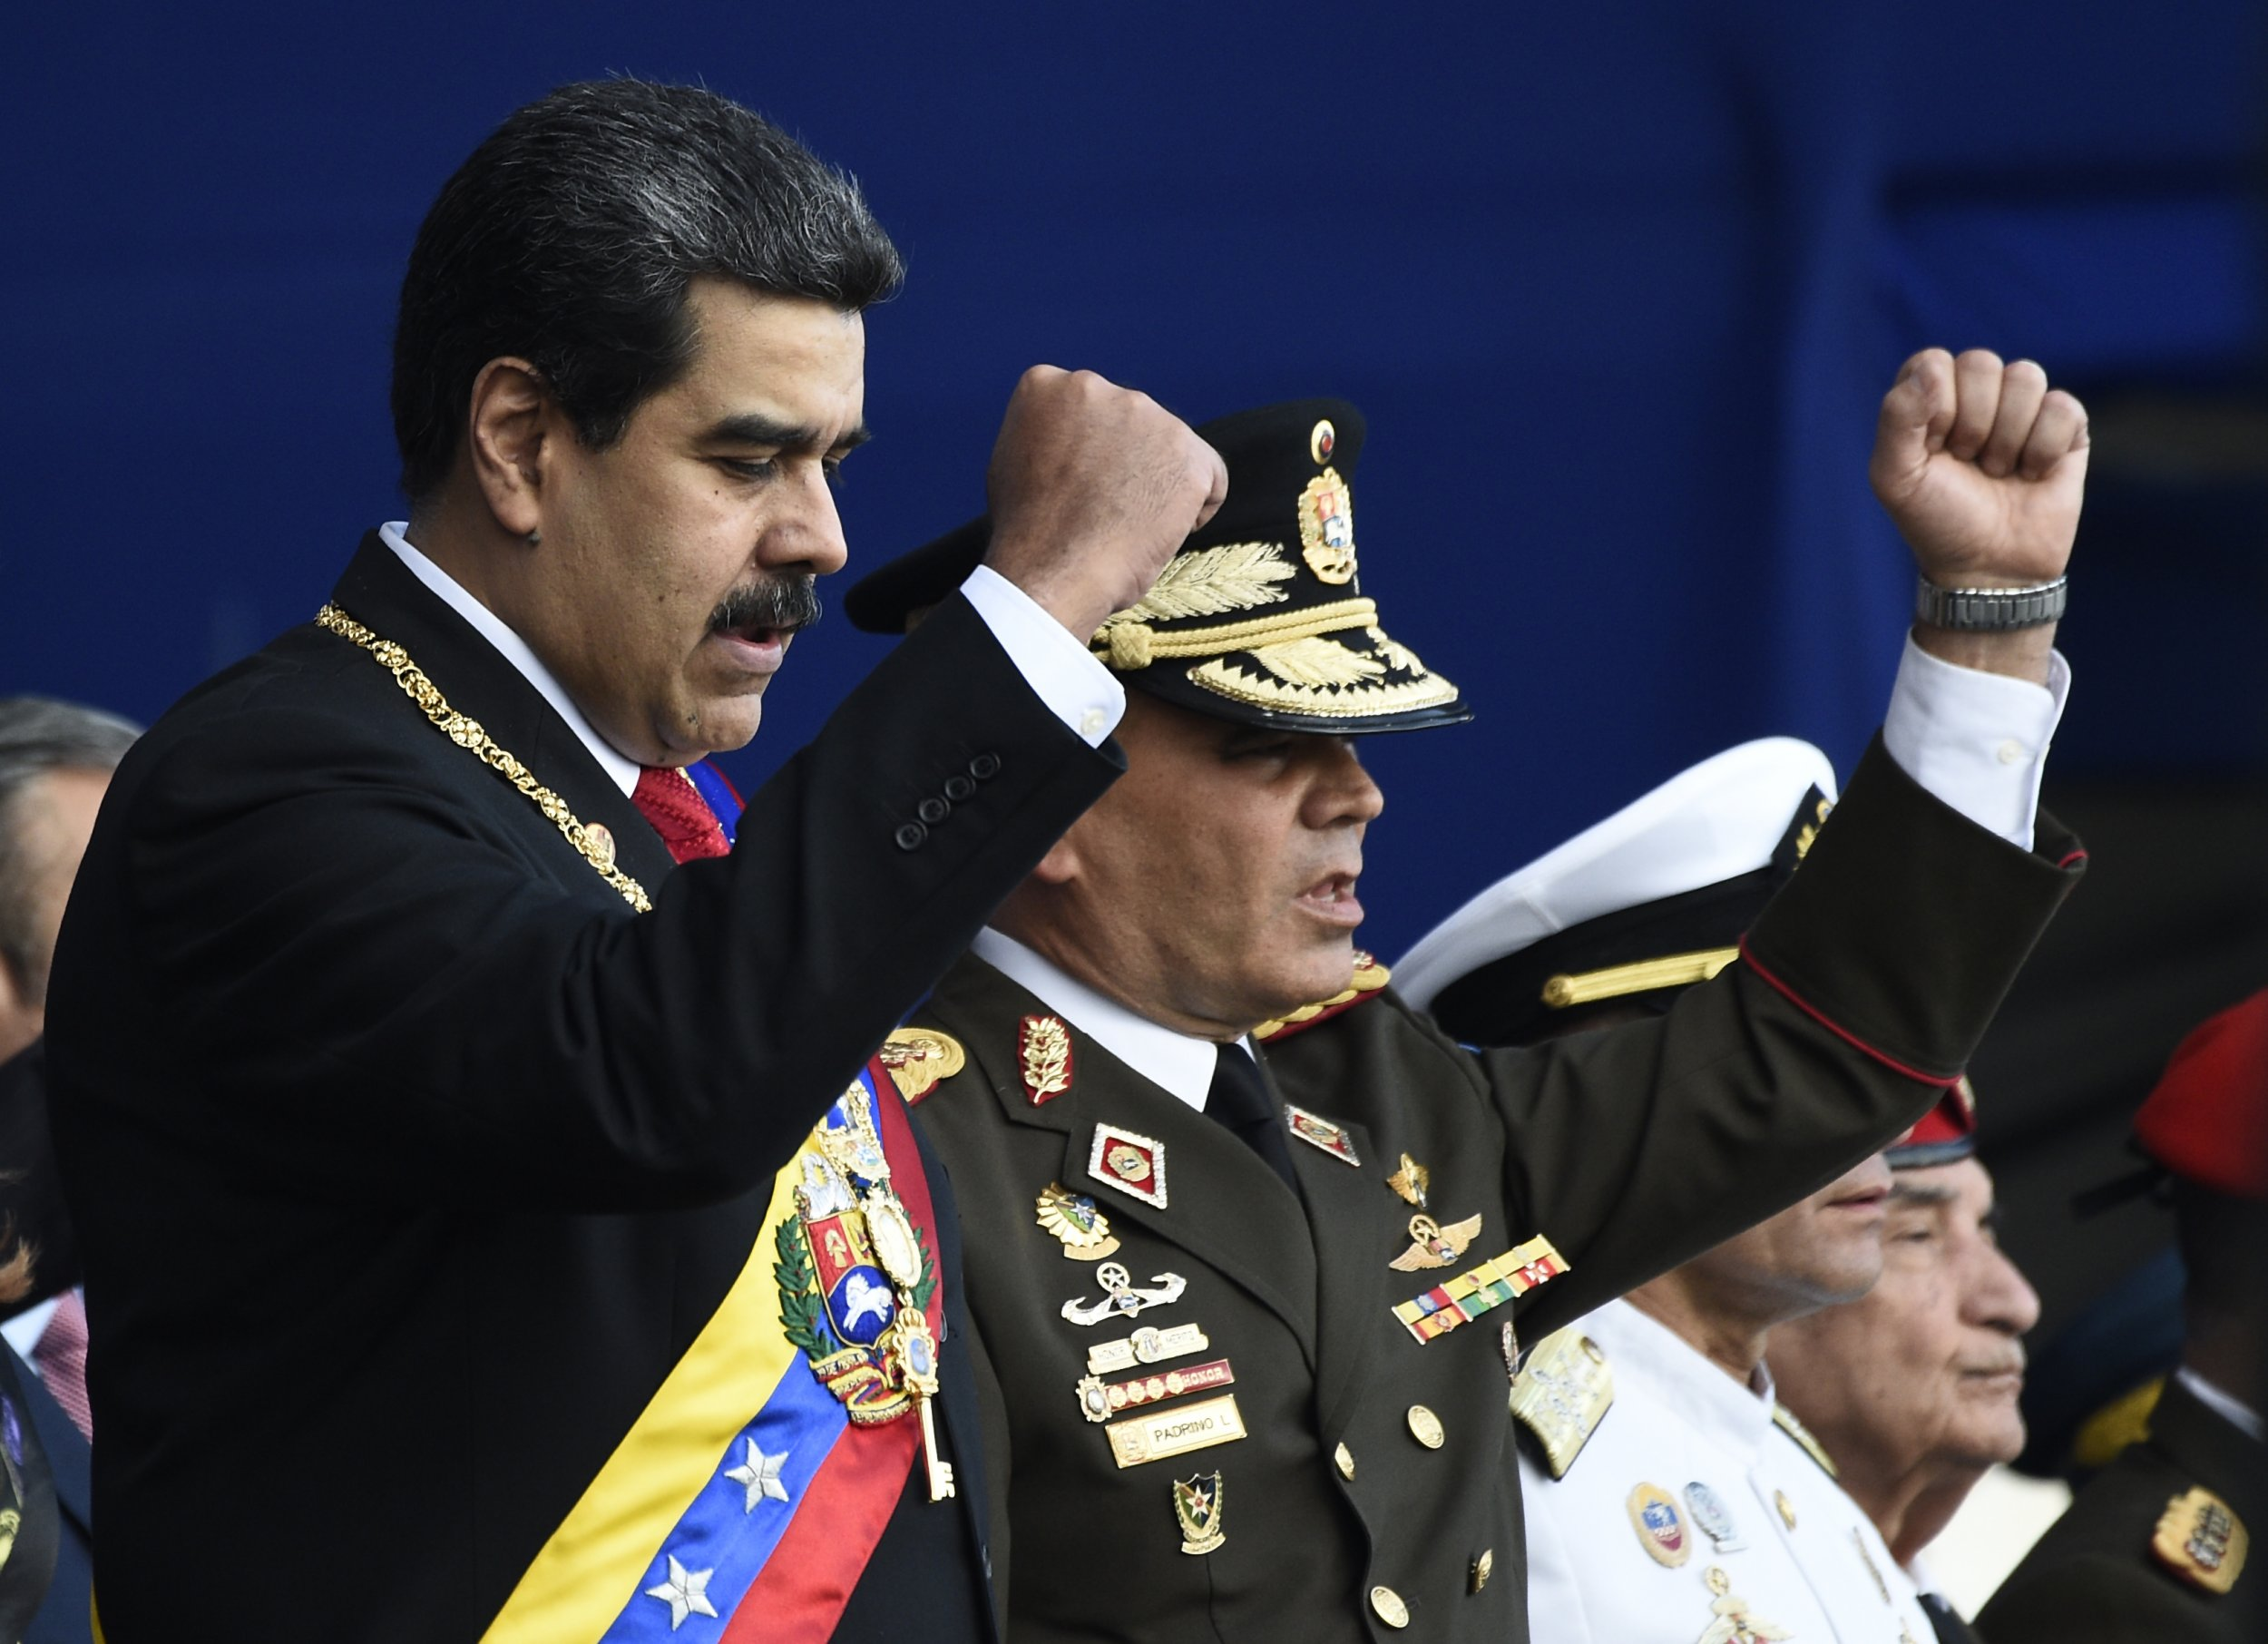 Nicolas Maduro Vladimir Padrino Lopez Venezuela military